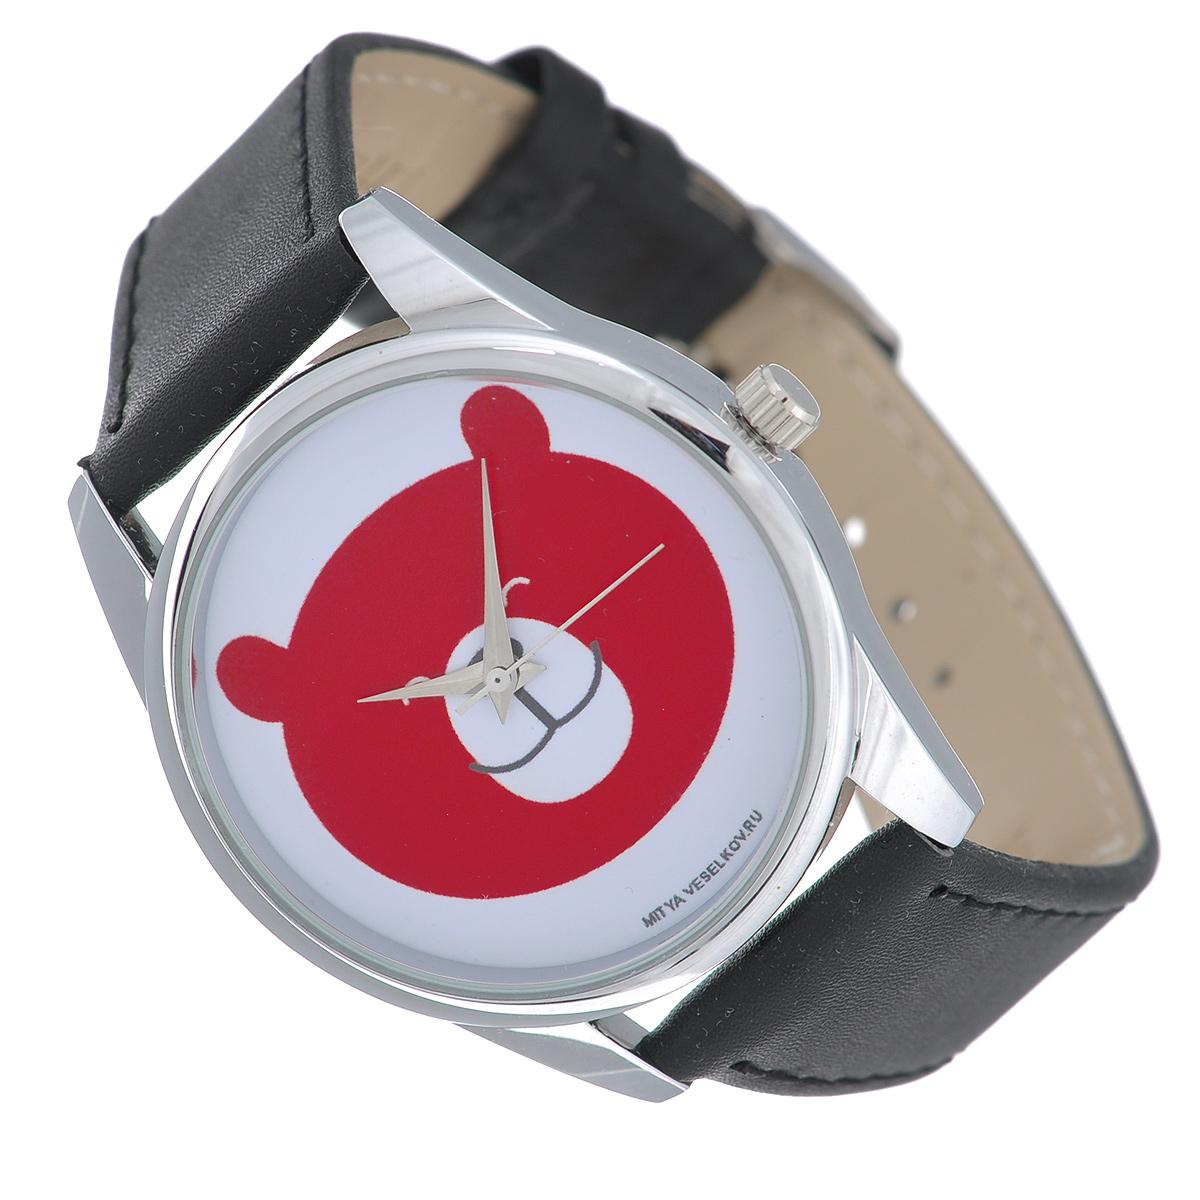 Часы наручные Mitya Veselkov Красный мишка. MV-185MV-185Наручные часы Mitya Veselkov Красный мишка созданы для современных людей, которые стремятся выделиться из толпы и подчеркнуть свою индивидуальность. Часы оснащены японским кварцевым механизмом. Ремешок выполнен из натуральной кожи, корпус изготовлен из стали. Циферблат оснащен тремя стрелками и оформлен изображением мордочки медведя. Часы размещаются на специальной подушечке и упакованы в фирменный стакан Mitya Veselkov. Характеристики: Диаметр циферблата: 3,4 см. Размер корпуса: 3,9 см х 4,5 см х 0,8 см. Длина ремешка (с учетом корпуса): 24 см. Ширина ремешка: 1,8 см.